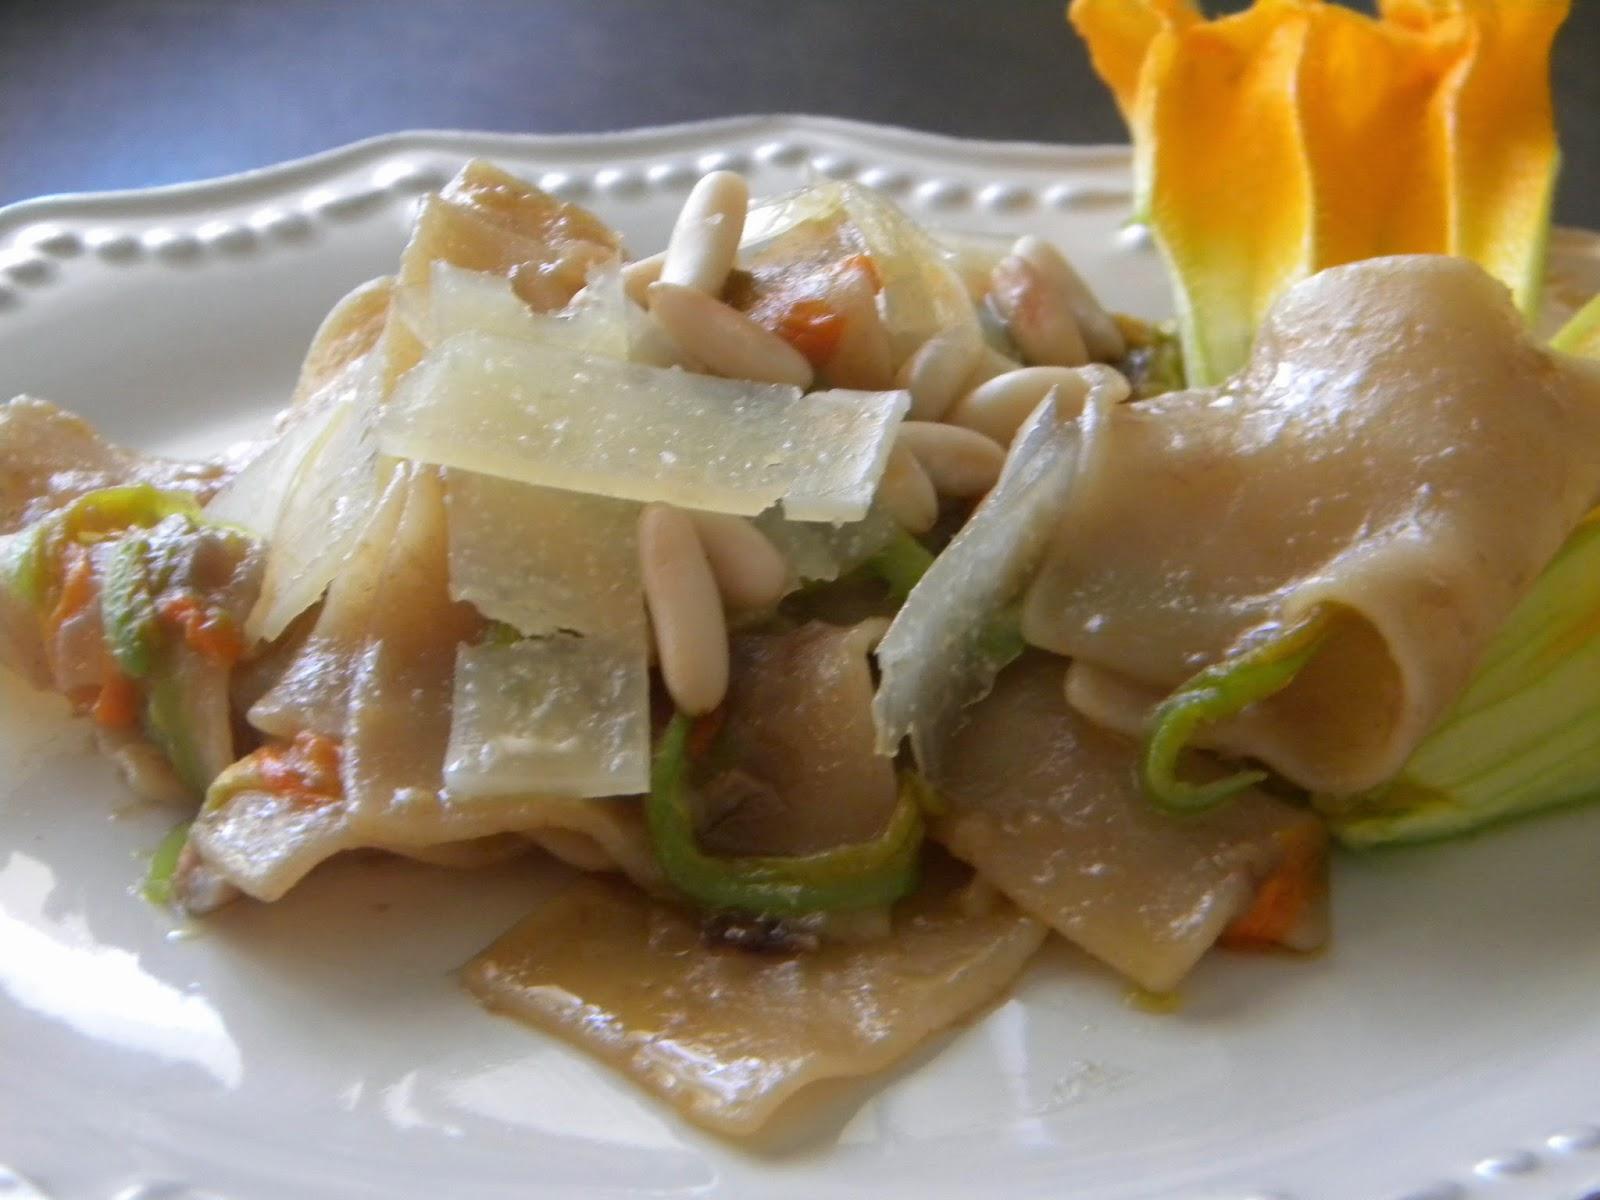 straccetti di pasta ai fiori di zucchine e asiago dop vecchio